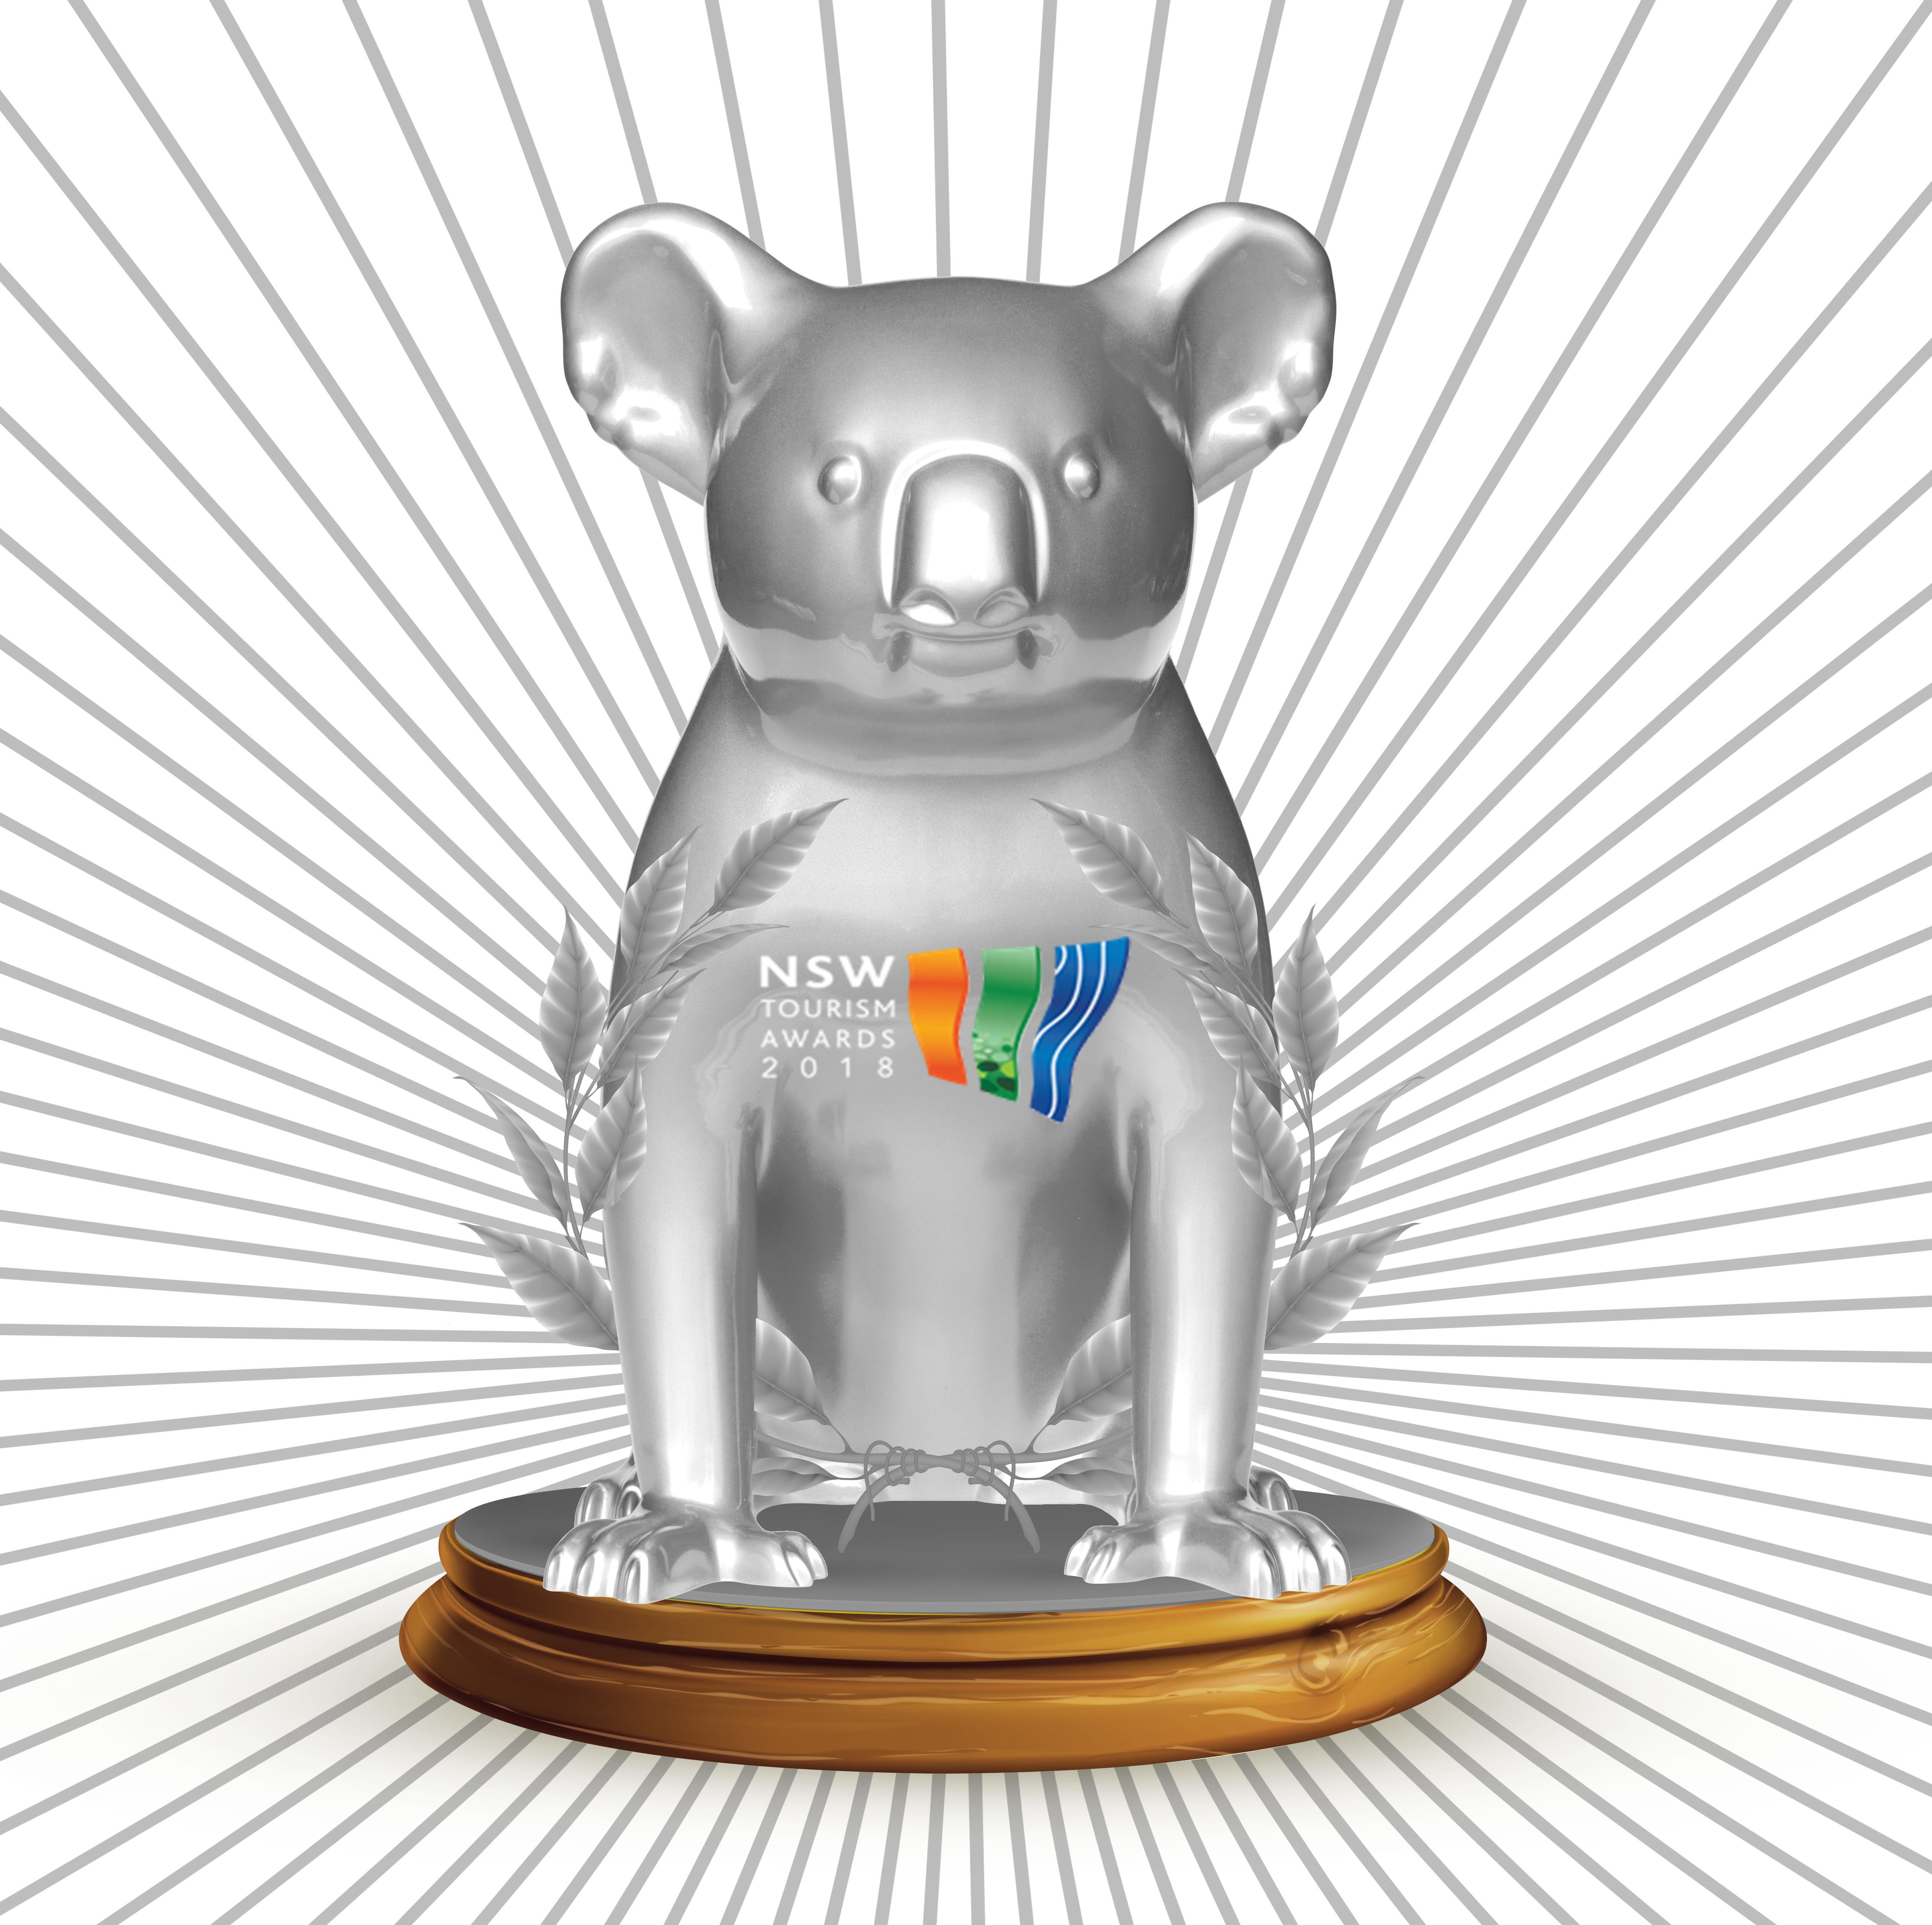 Silver for Hello Koalas at NSW Tourism Awards